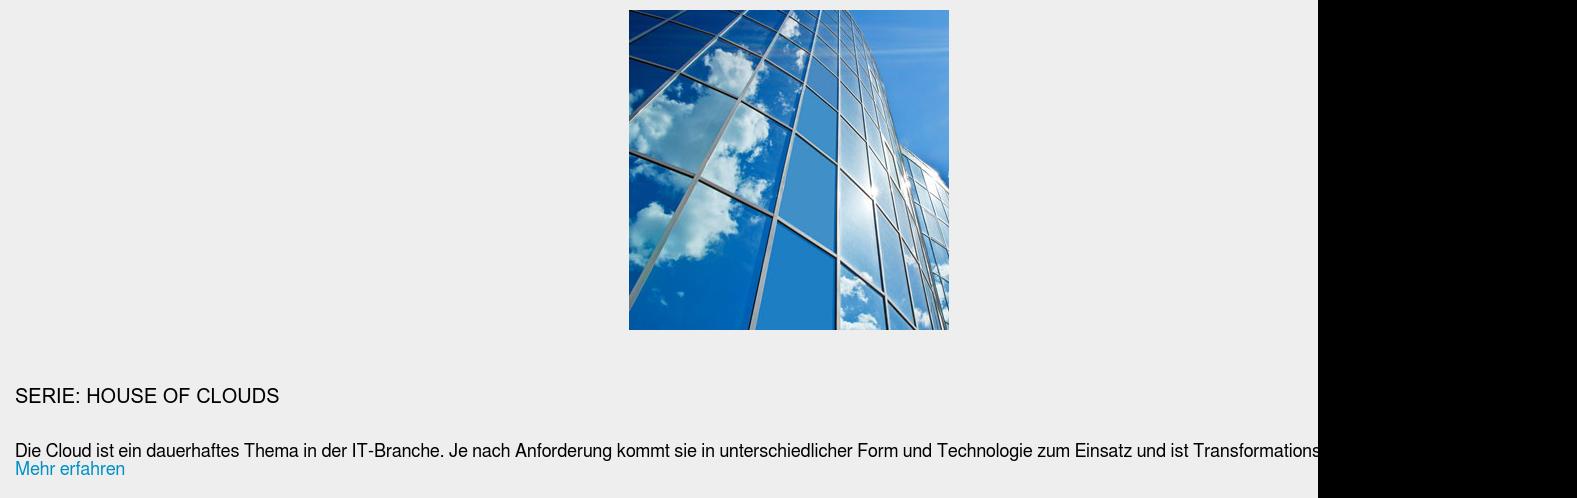 Serie: House of Clouds  Die Cloud ist ein dauerhaftes Thema in der IT-Branche. Je nach Anforderung  kommt sie in unterschiedlicher Form und Technologie zum Einsatz und ist  Transformationsbasis für die Unternehmens-IT. Mehr erfahren